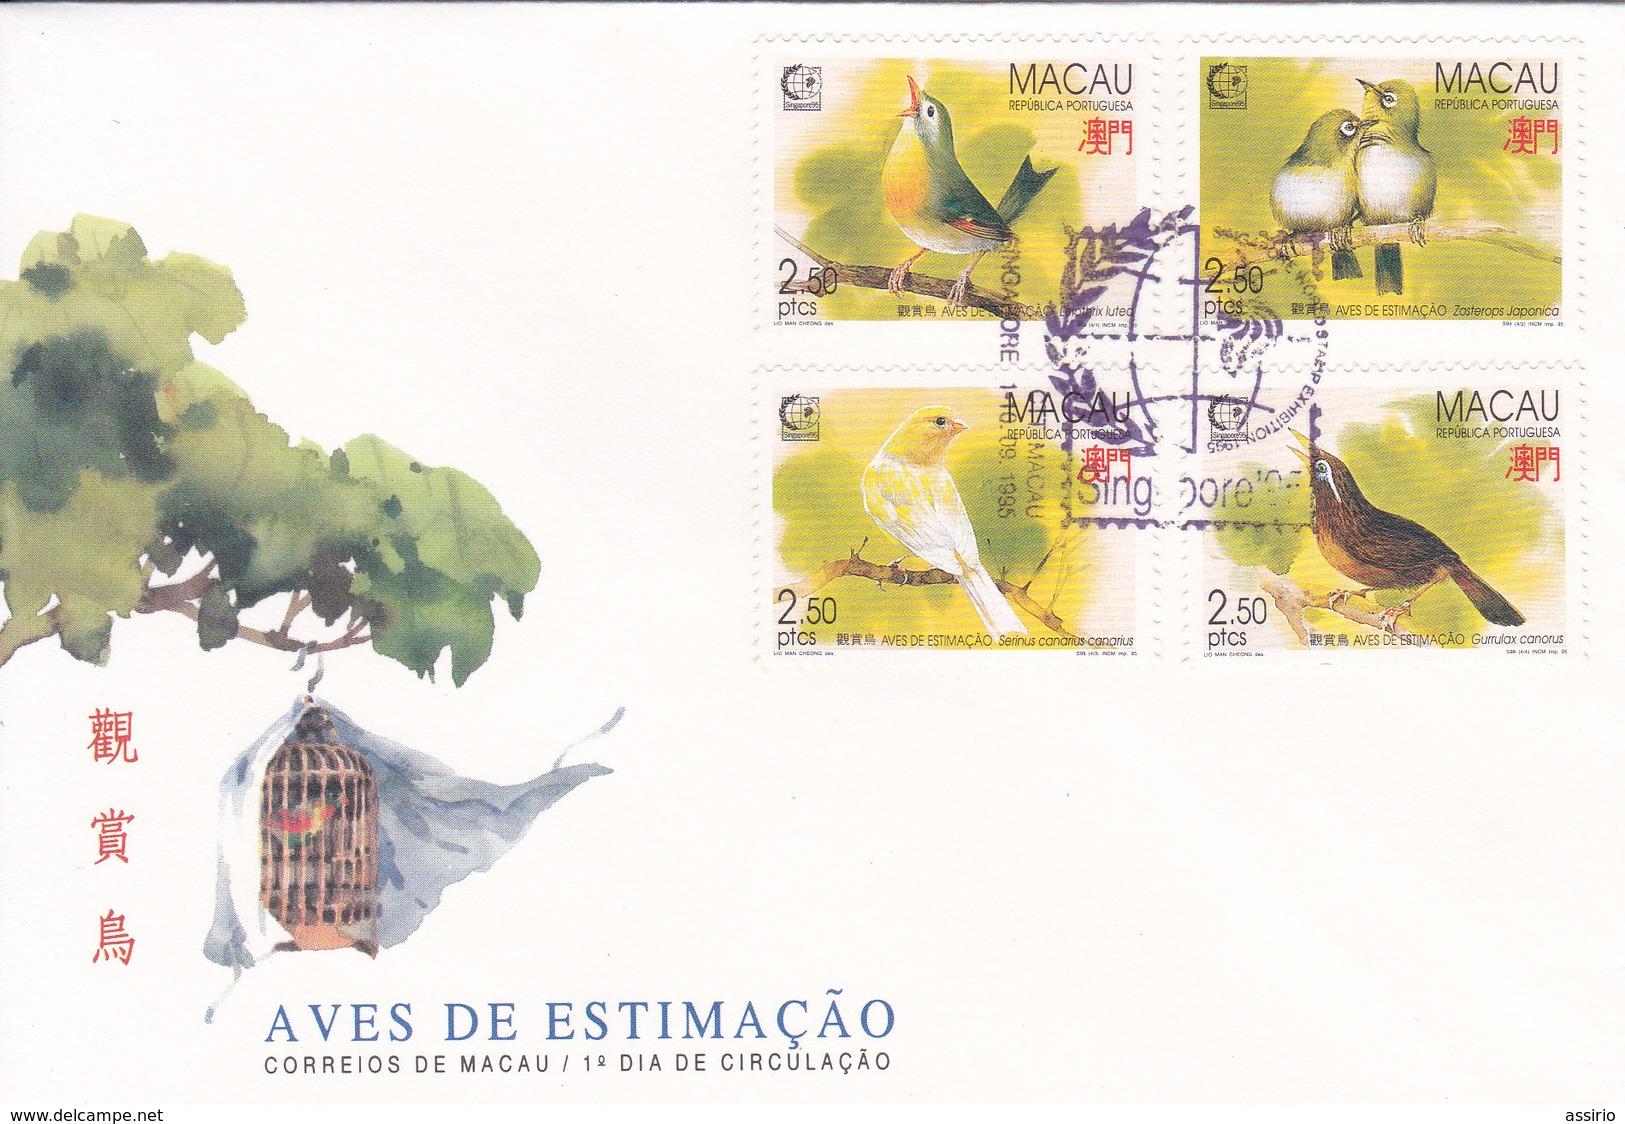 Selos - Aves 1 Fdc Macau - Sellos